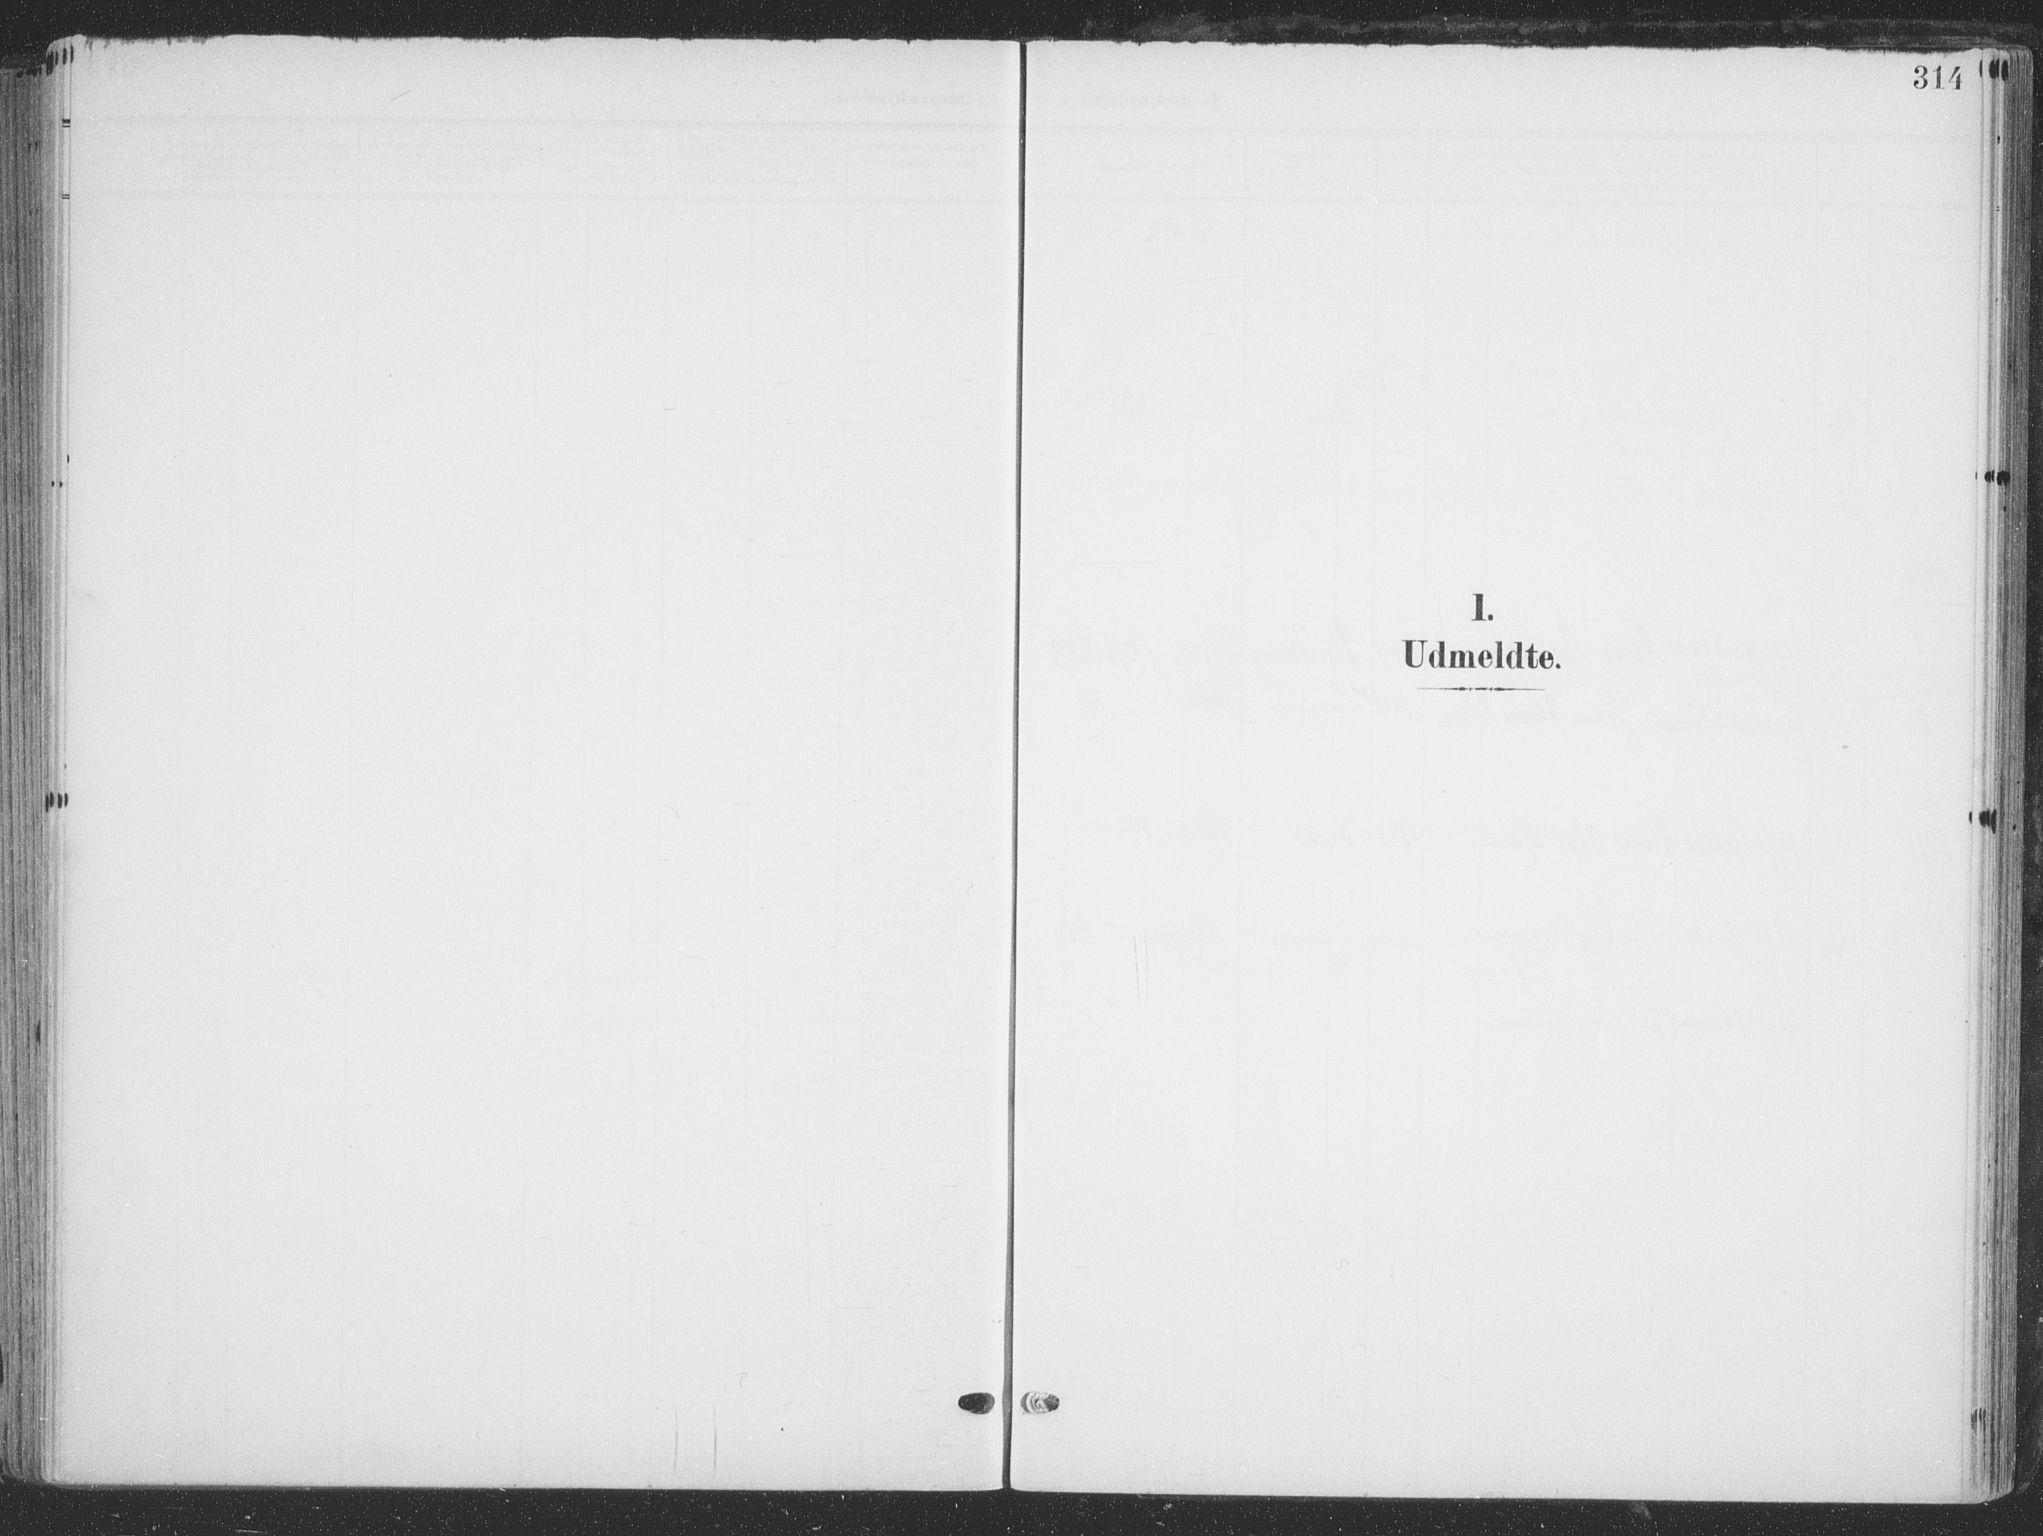 SATØ, Tana sokneprestkontor, H/Ha/L0007kirke: Ministerialbok nr. 7, 1904-1918, s. 314